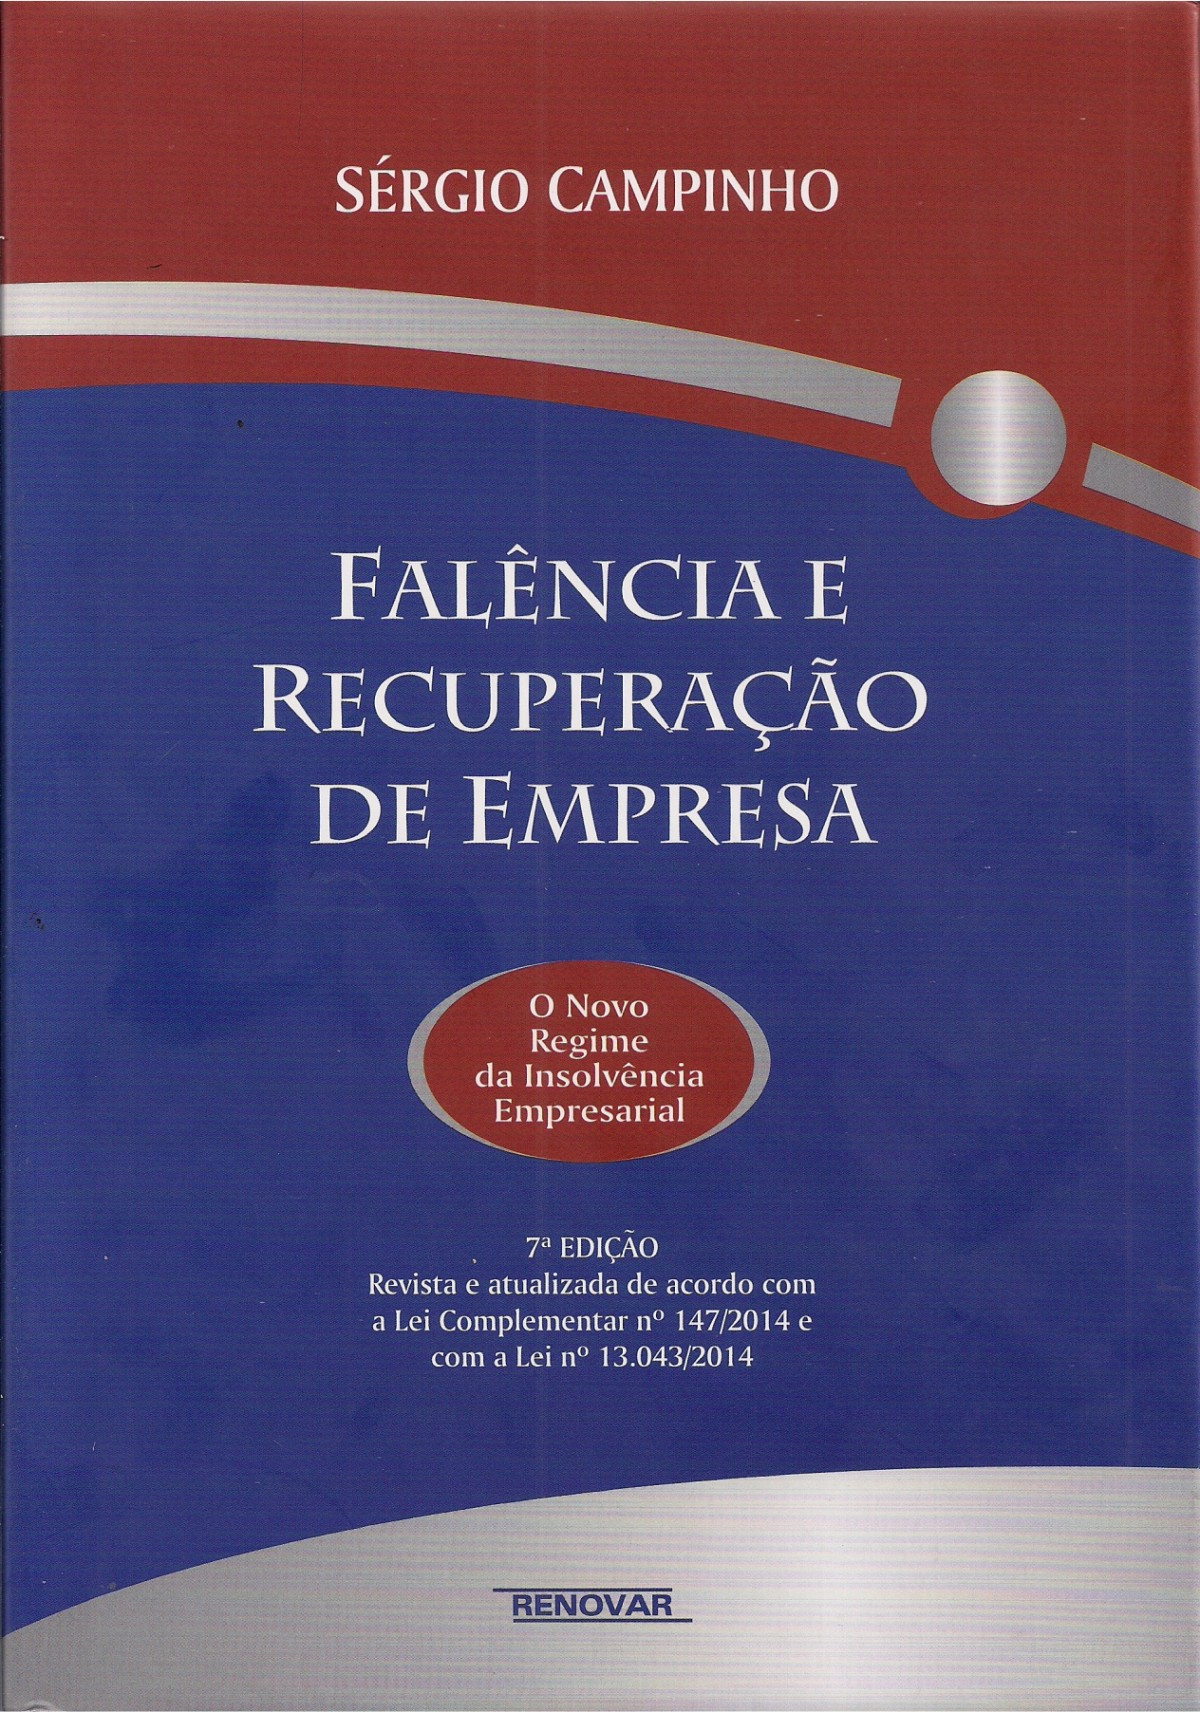 Foto 1 - Falência e Recuperação de Empresa - O Novo Regime da Insolvência Empresarial